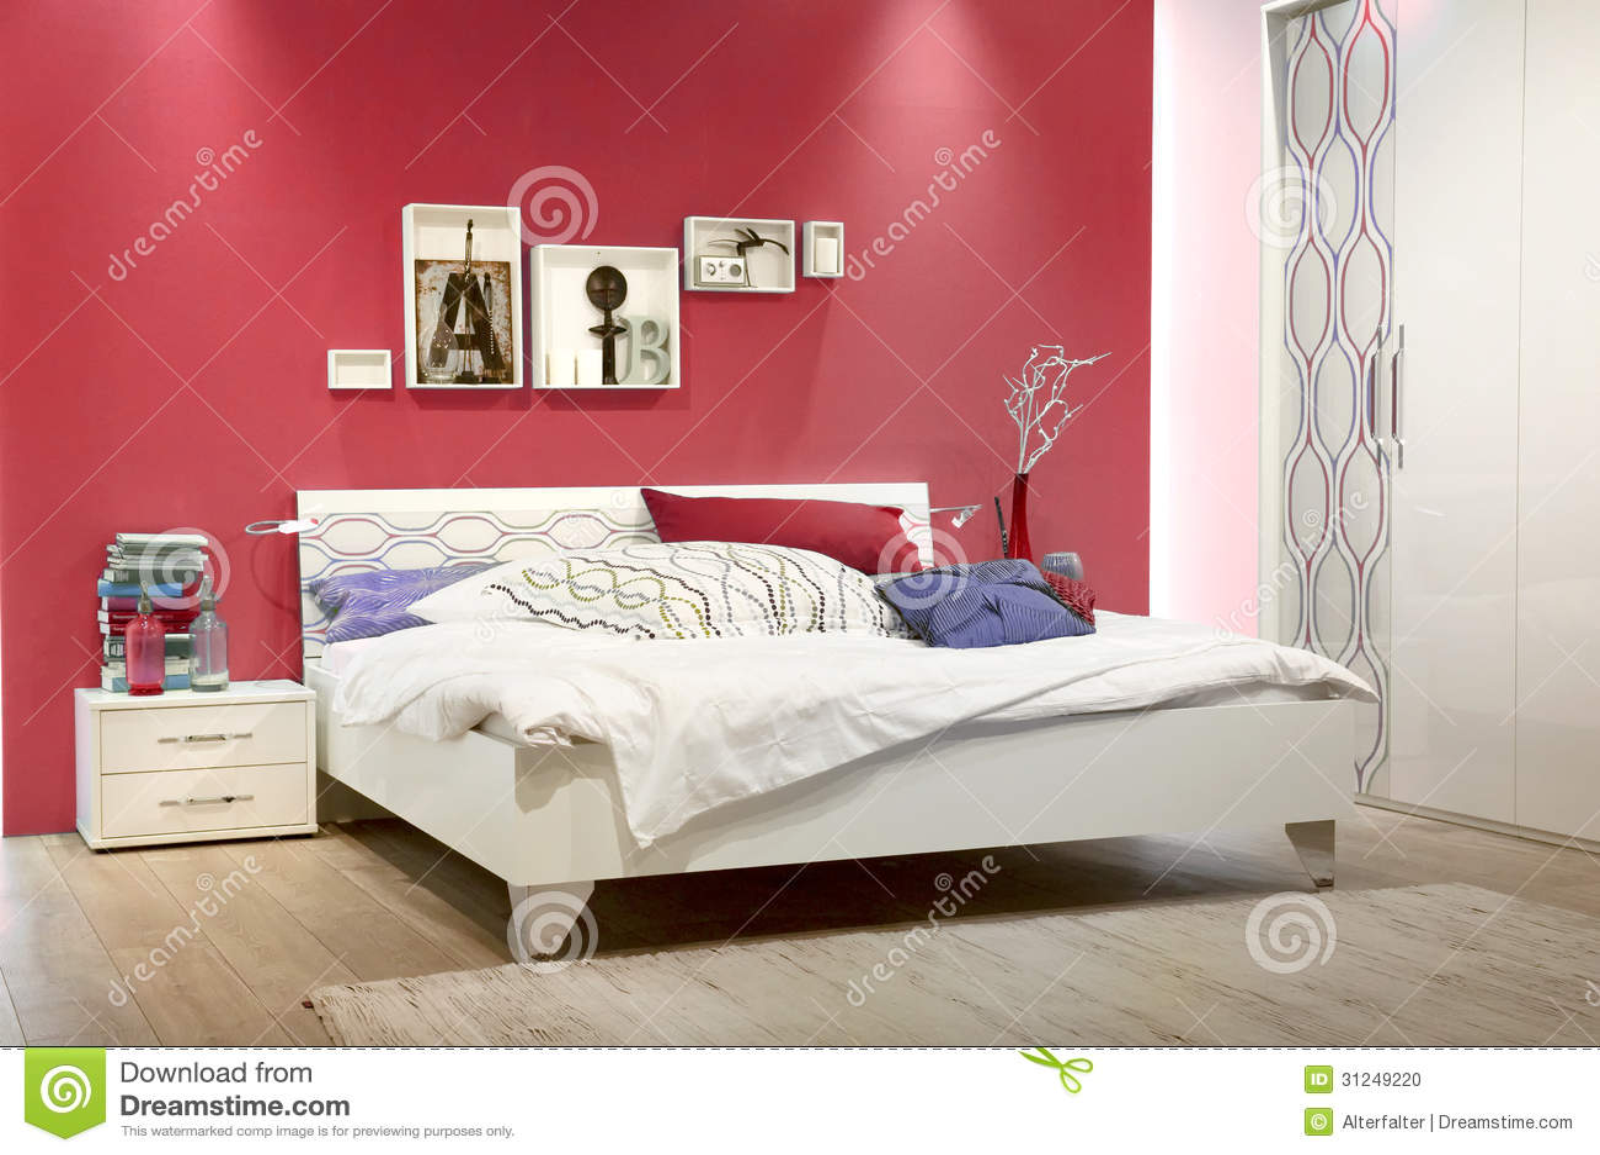 Witte Slaapkamer Met Rode Muur Stock Foto - Afbeelding: 31249220